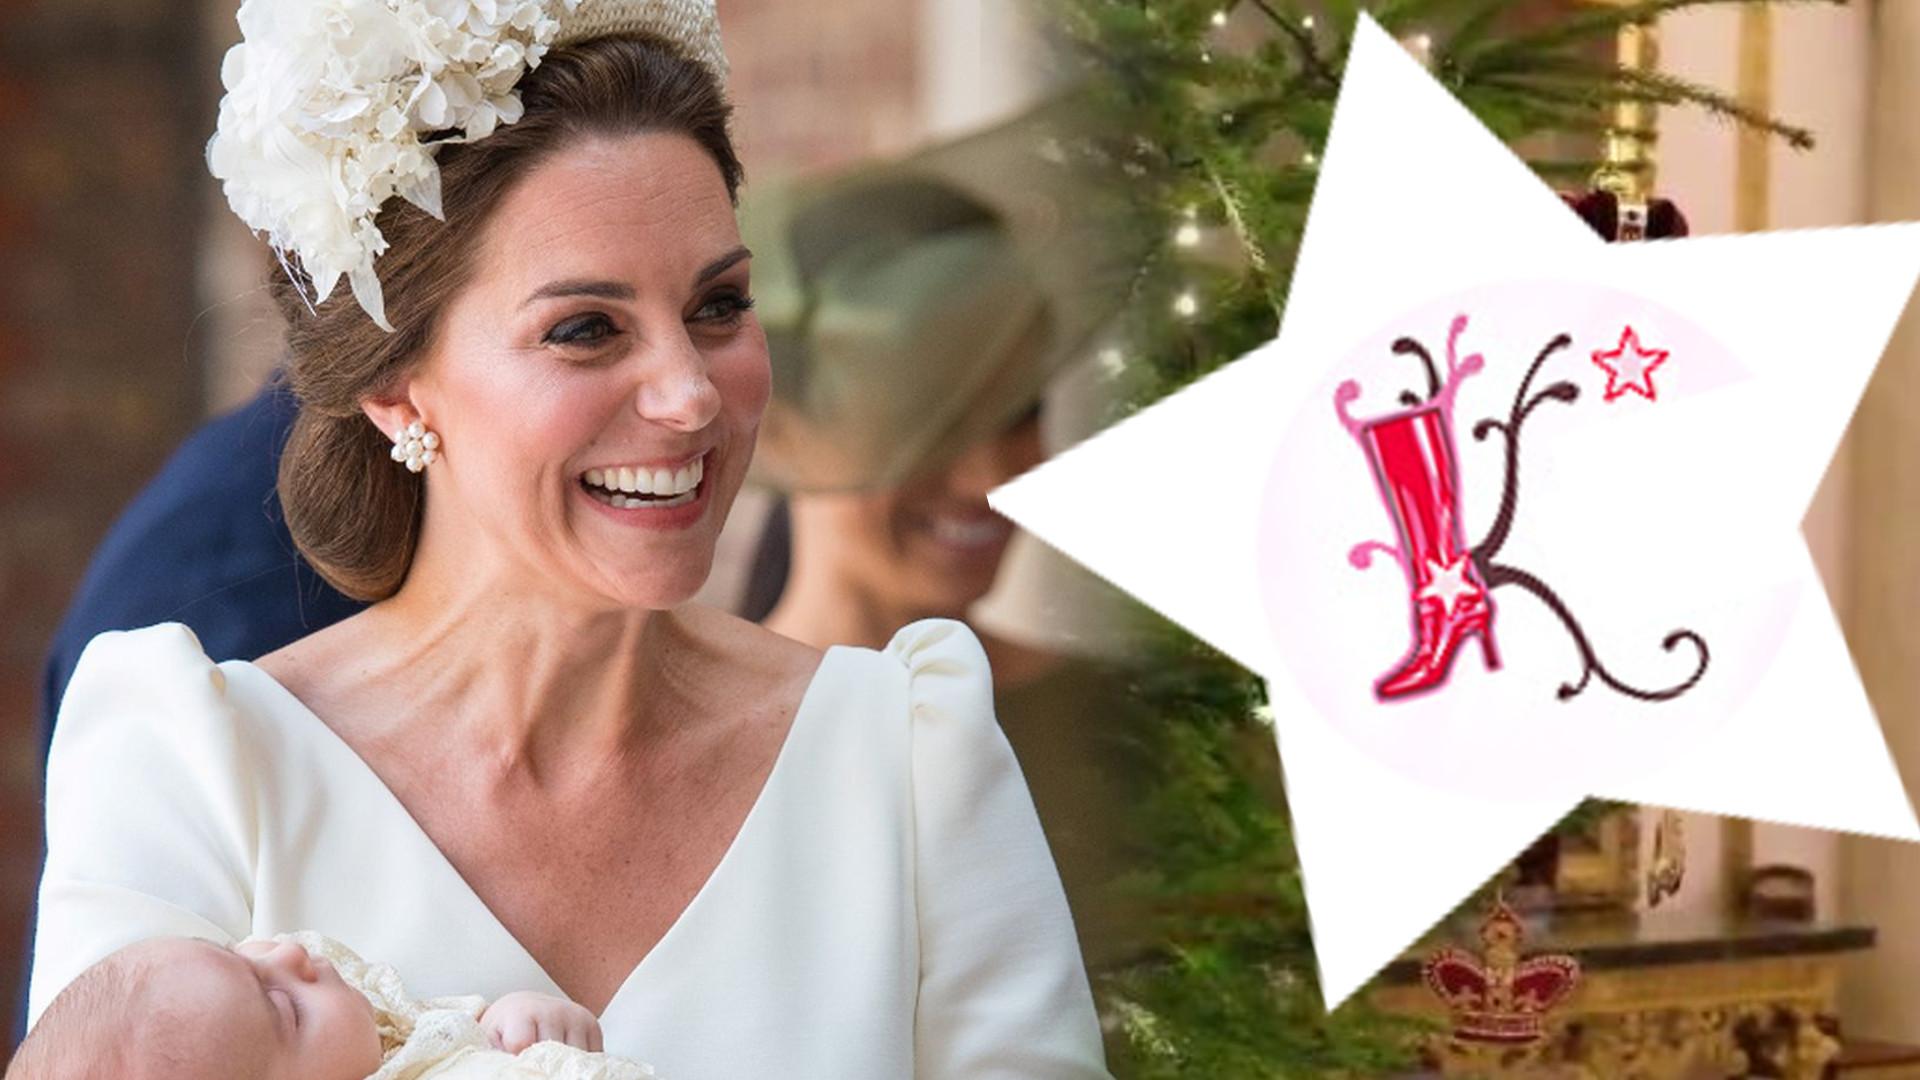 Rodzina królewska POKAZAŁA świąteczne dekoracje w pałacu – te ozdoby to HIT